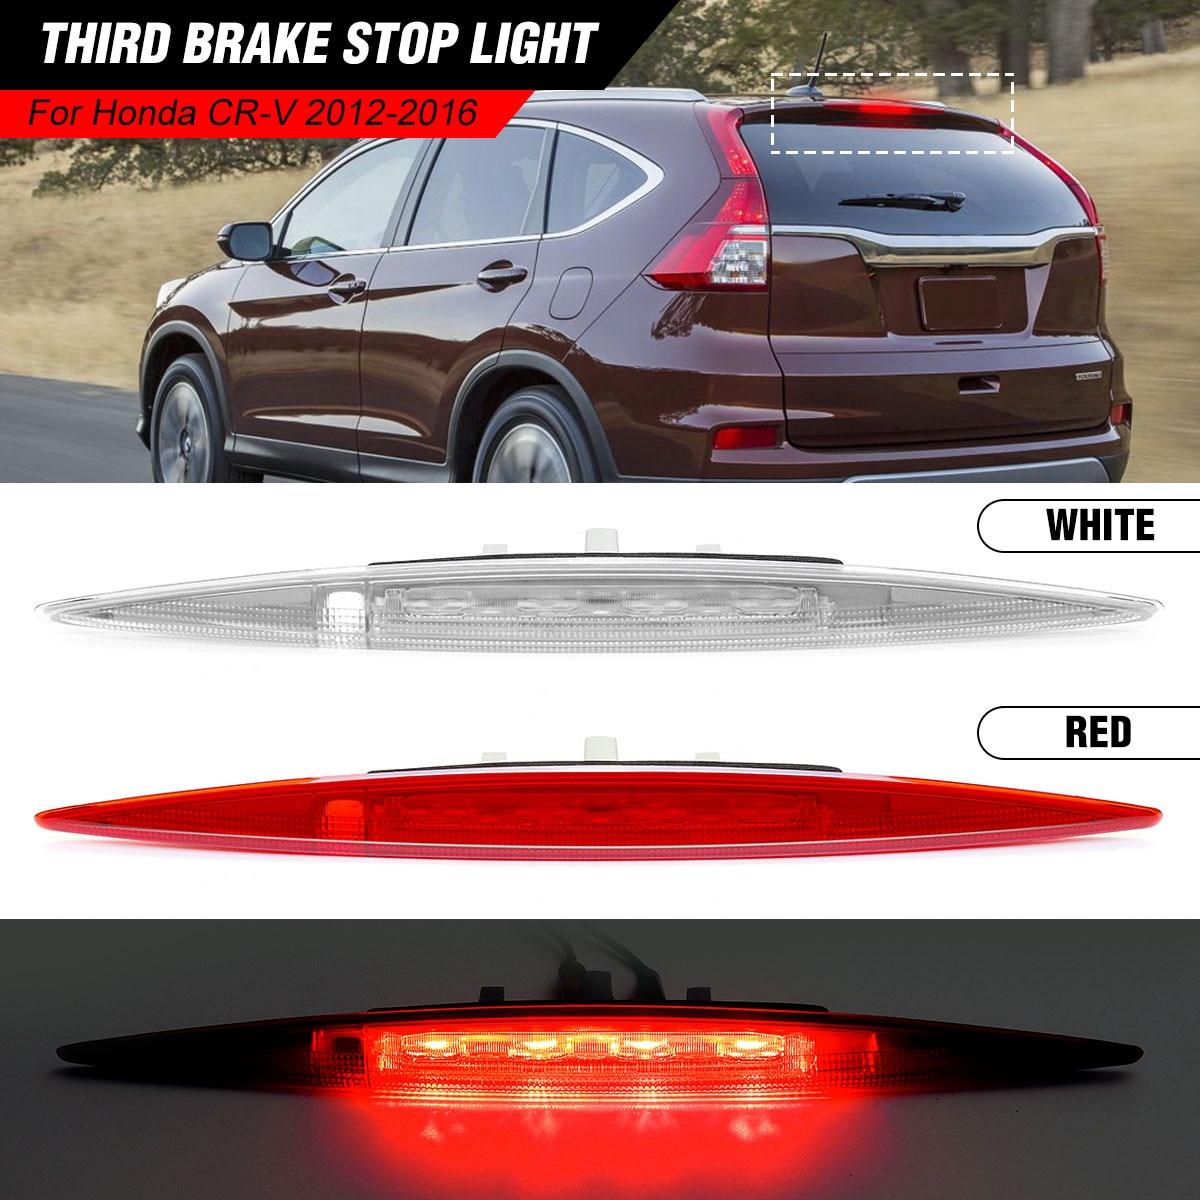 White /Red Shell High Mount 3rd Tail Light Car Rear Third Brake Light Stop Lamp For Honda CRV For CR V 2012 2013 2014 2015 2016